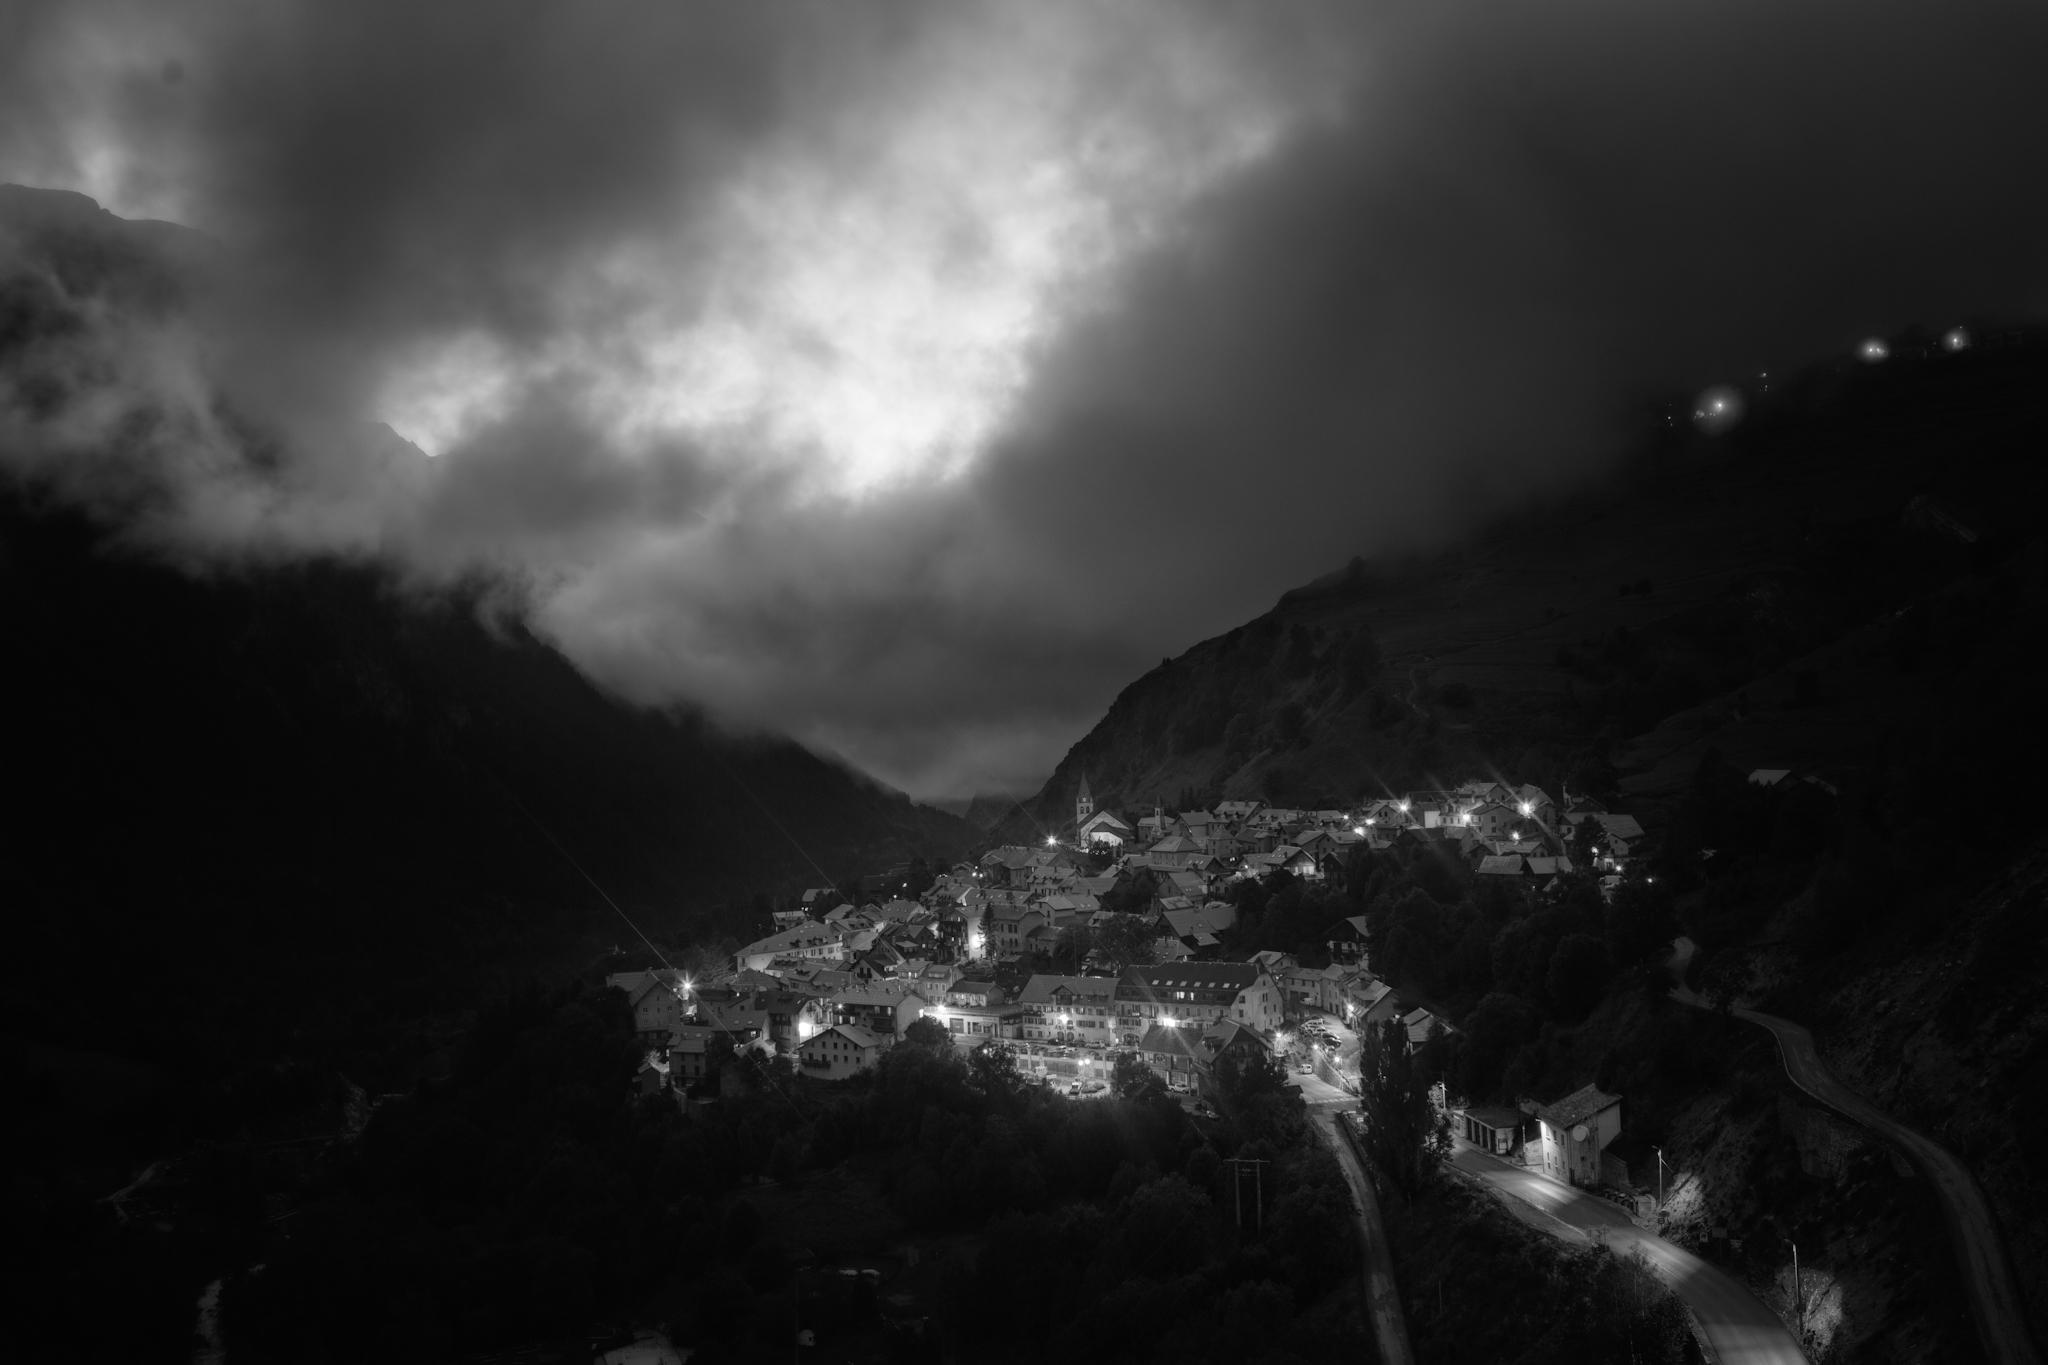 La Grave, Alpes Franceses - Otras montañas - Fotos del Valle del Aragón, Mikel Besga